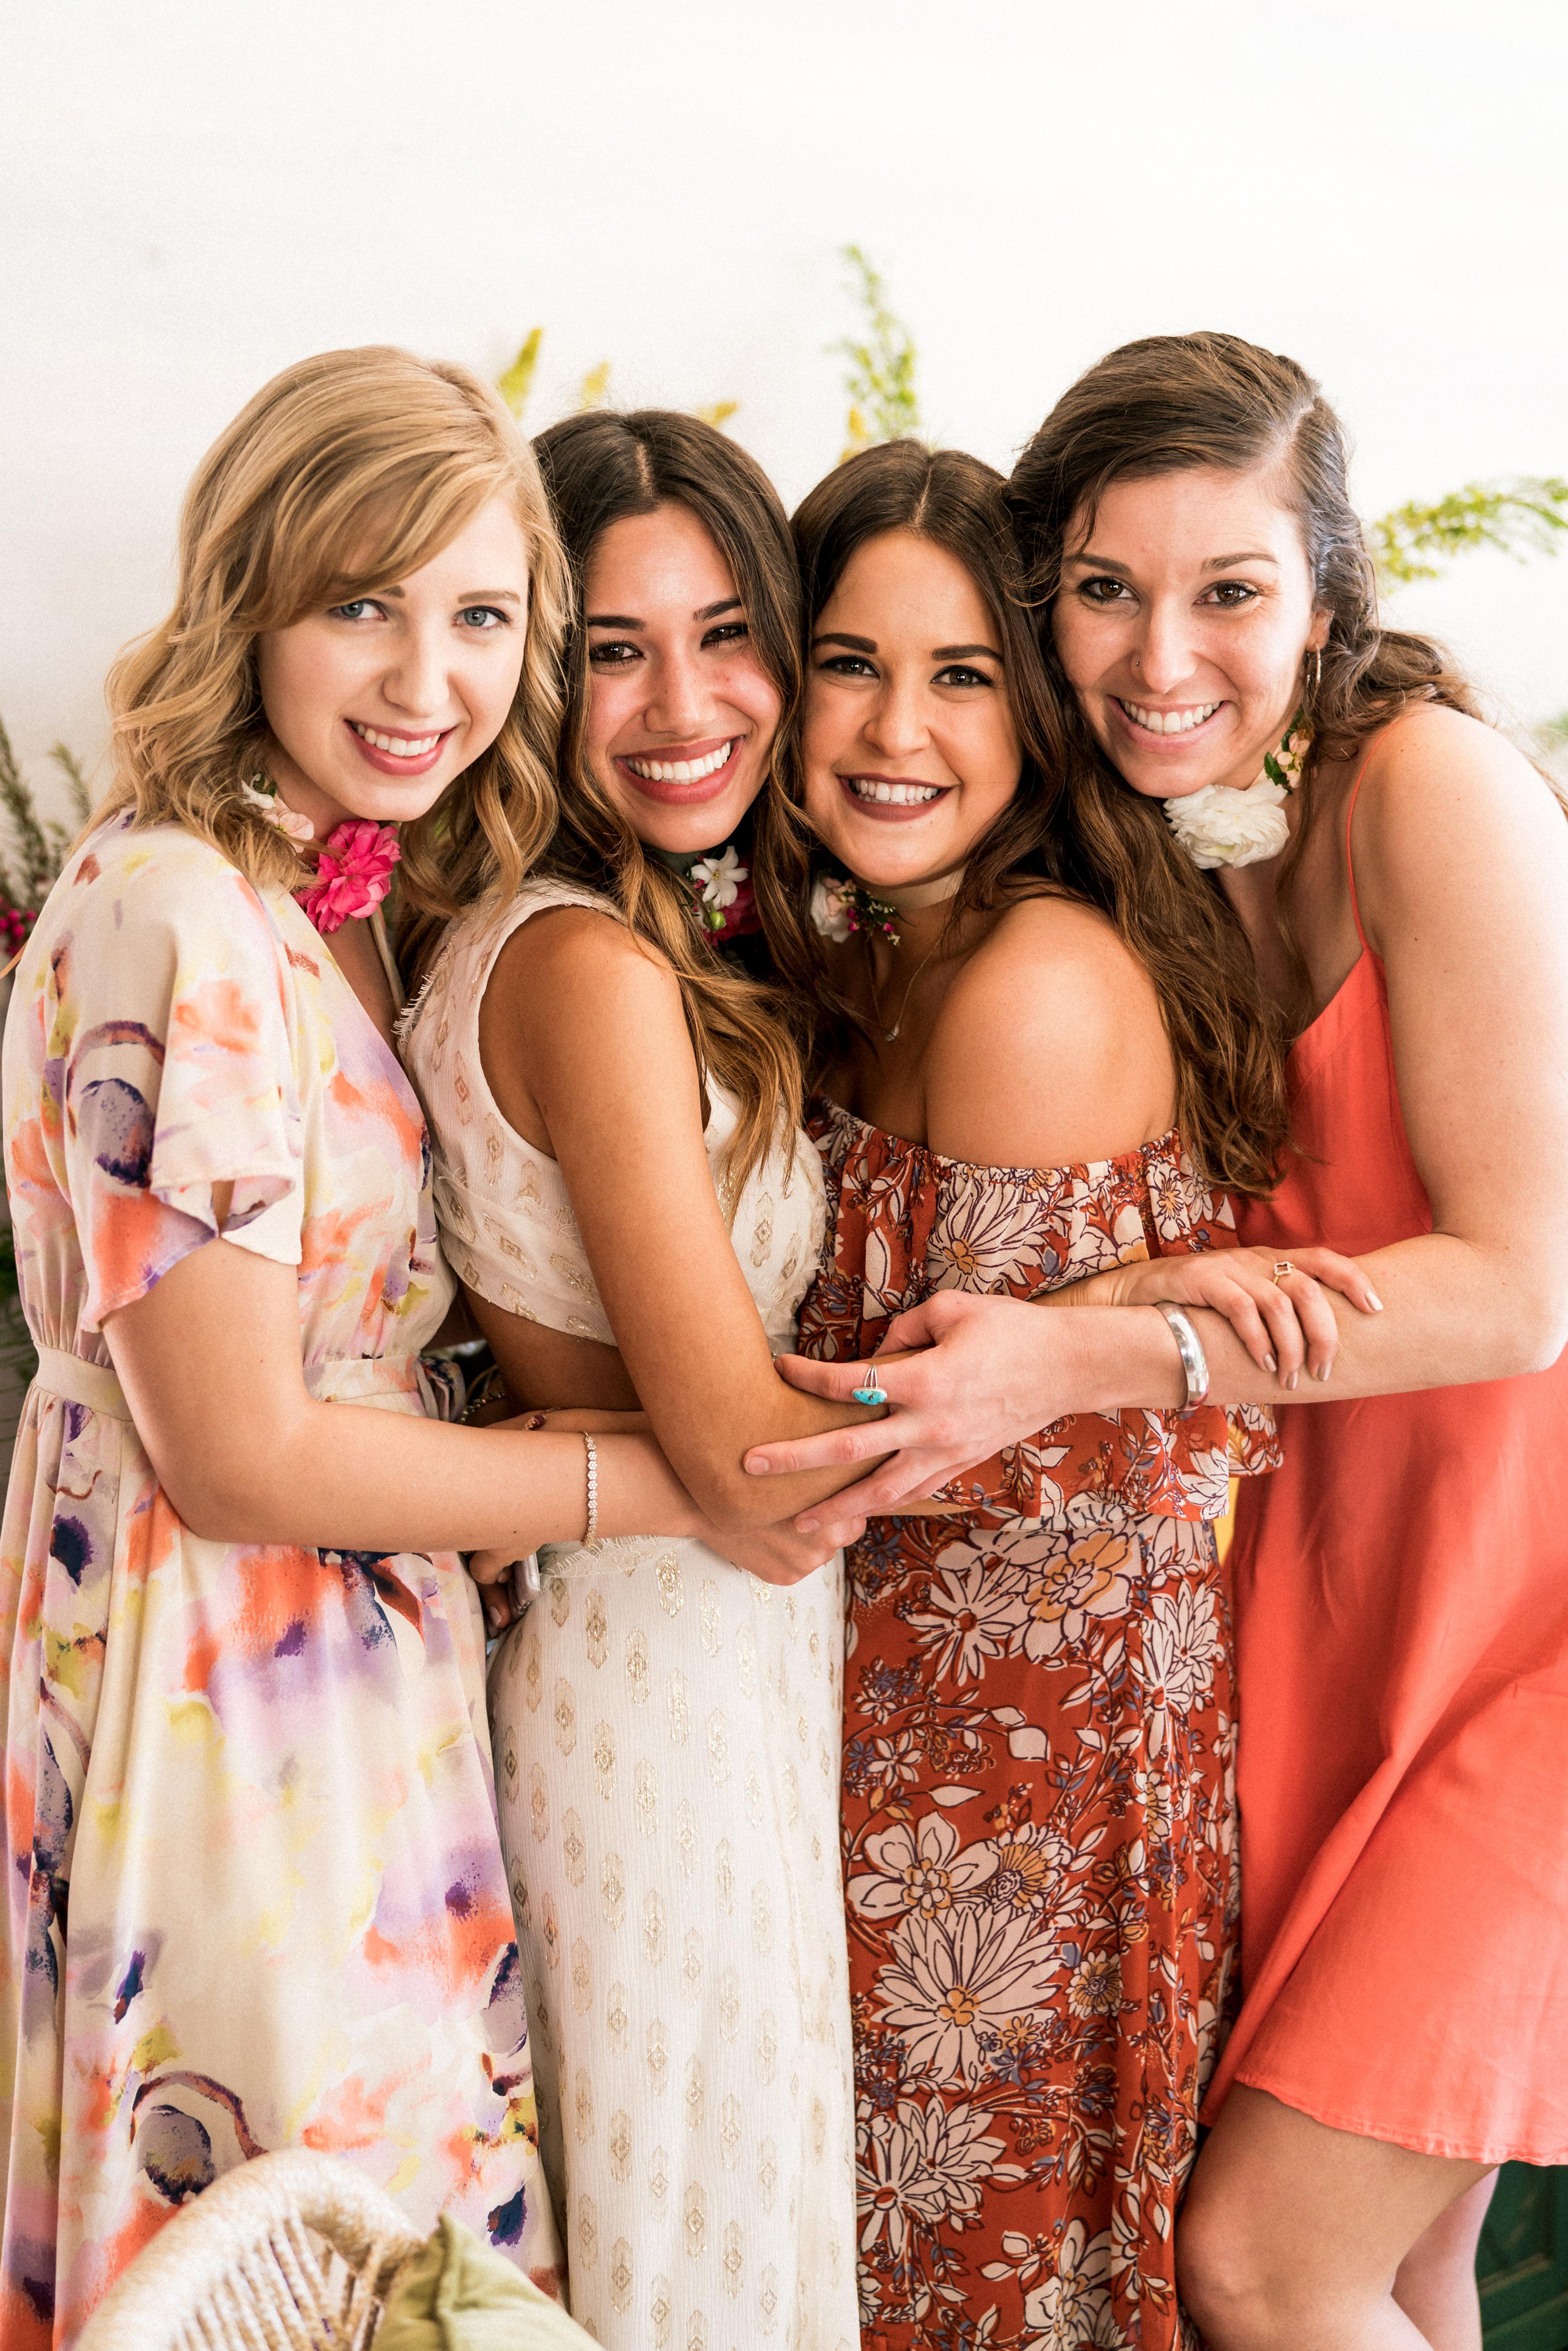 kara bridal shower guests and bride to be posing